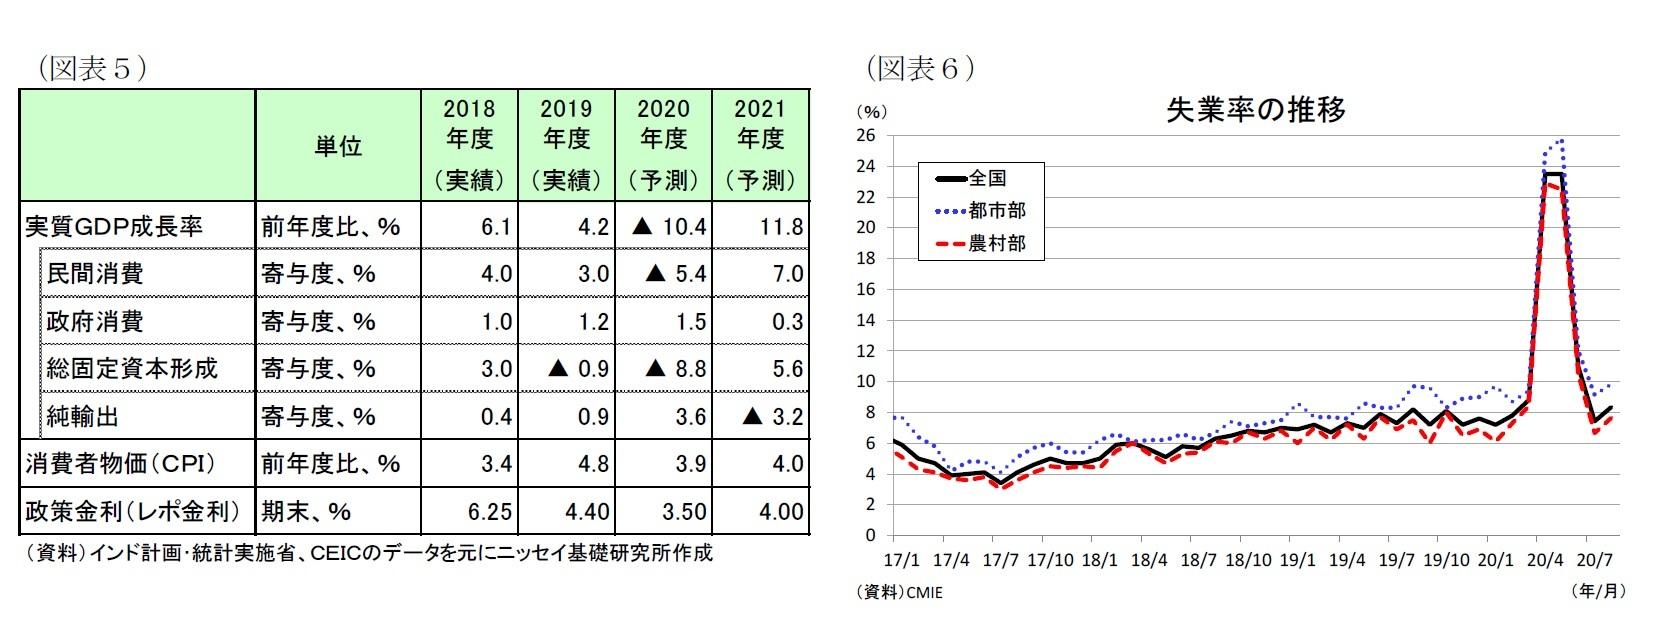 (図表5)経済予測表/(図表6)失業率の推移